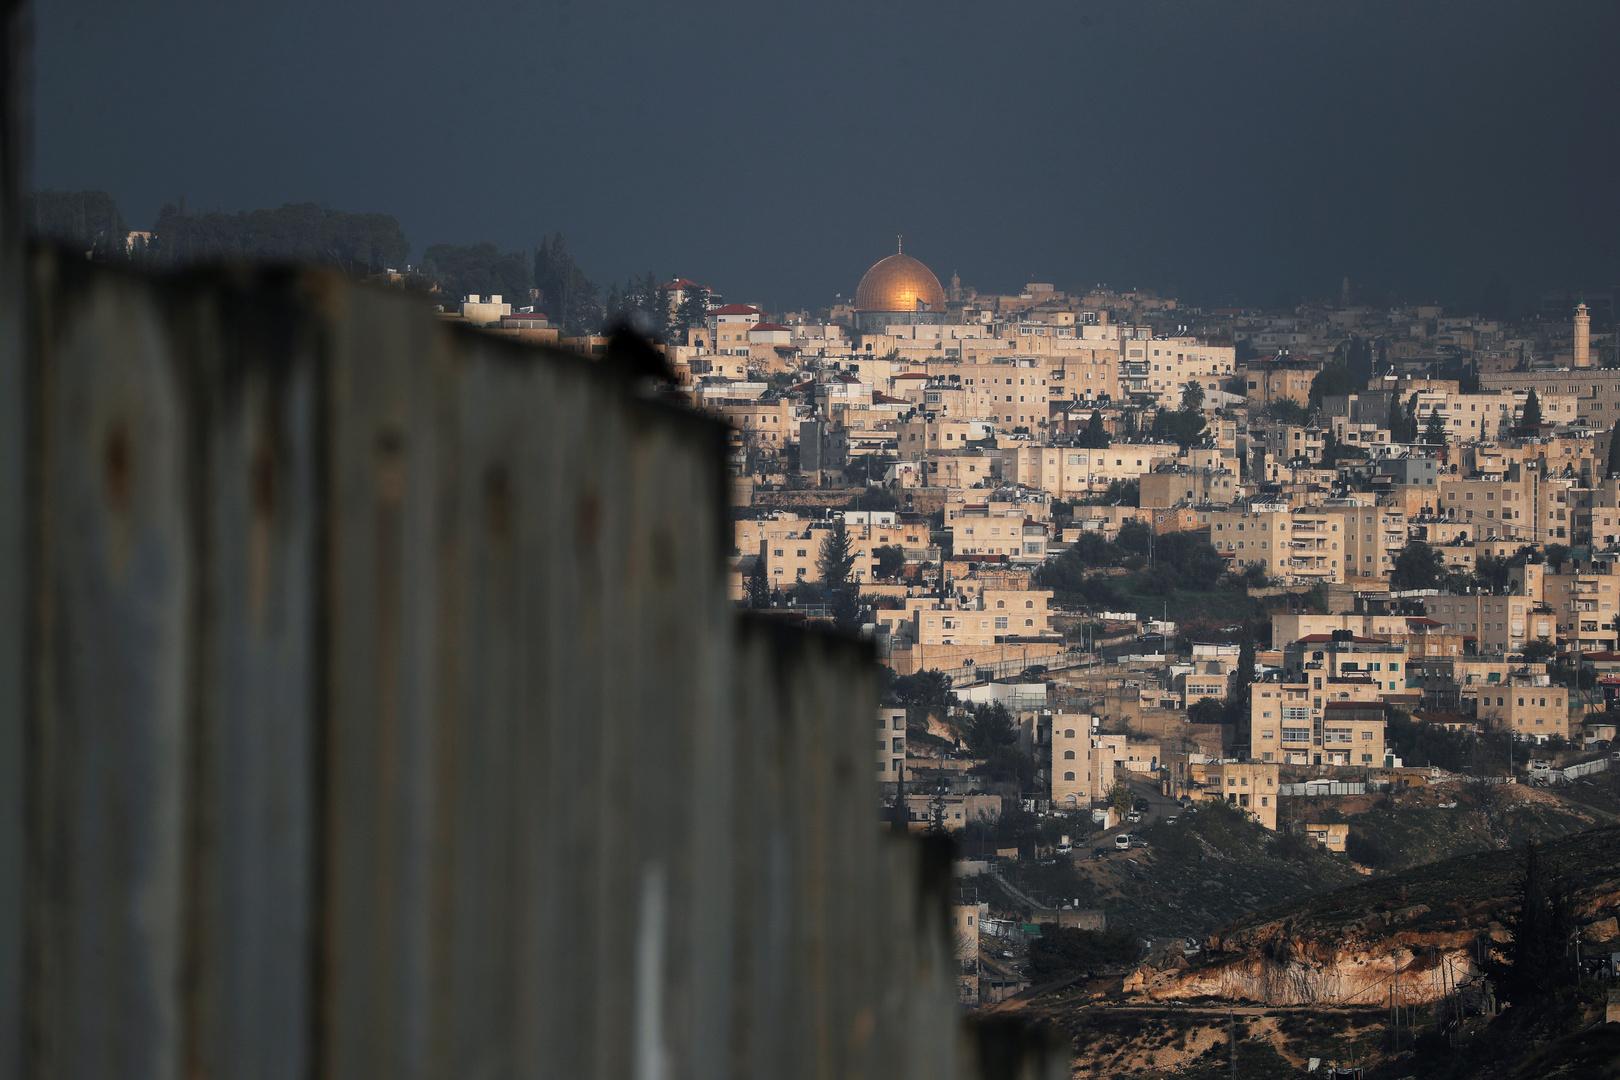 البحرين تشن هجوما حادا على إسرائيل على خلفية التطورات في القدس